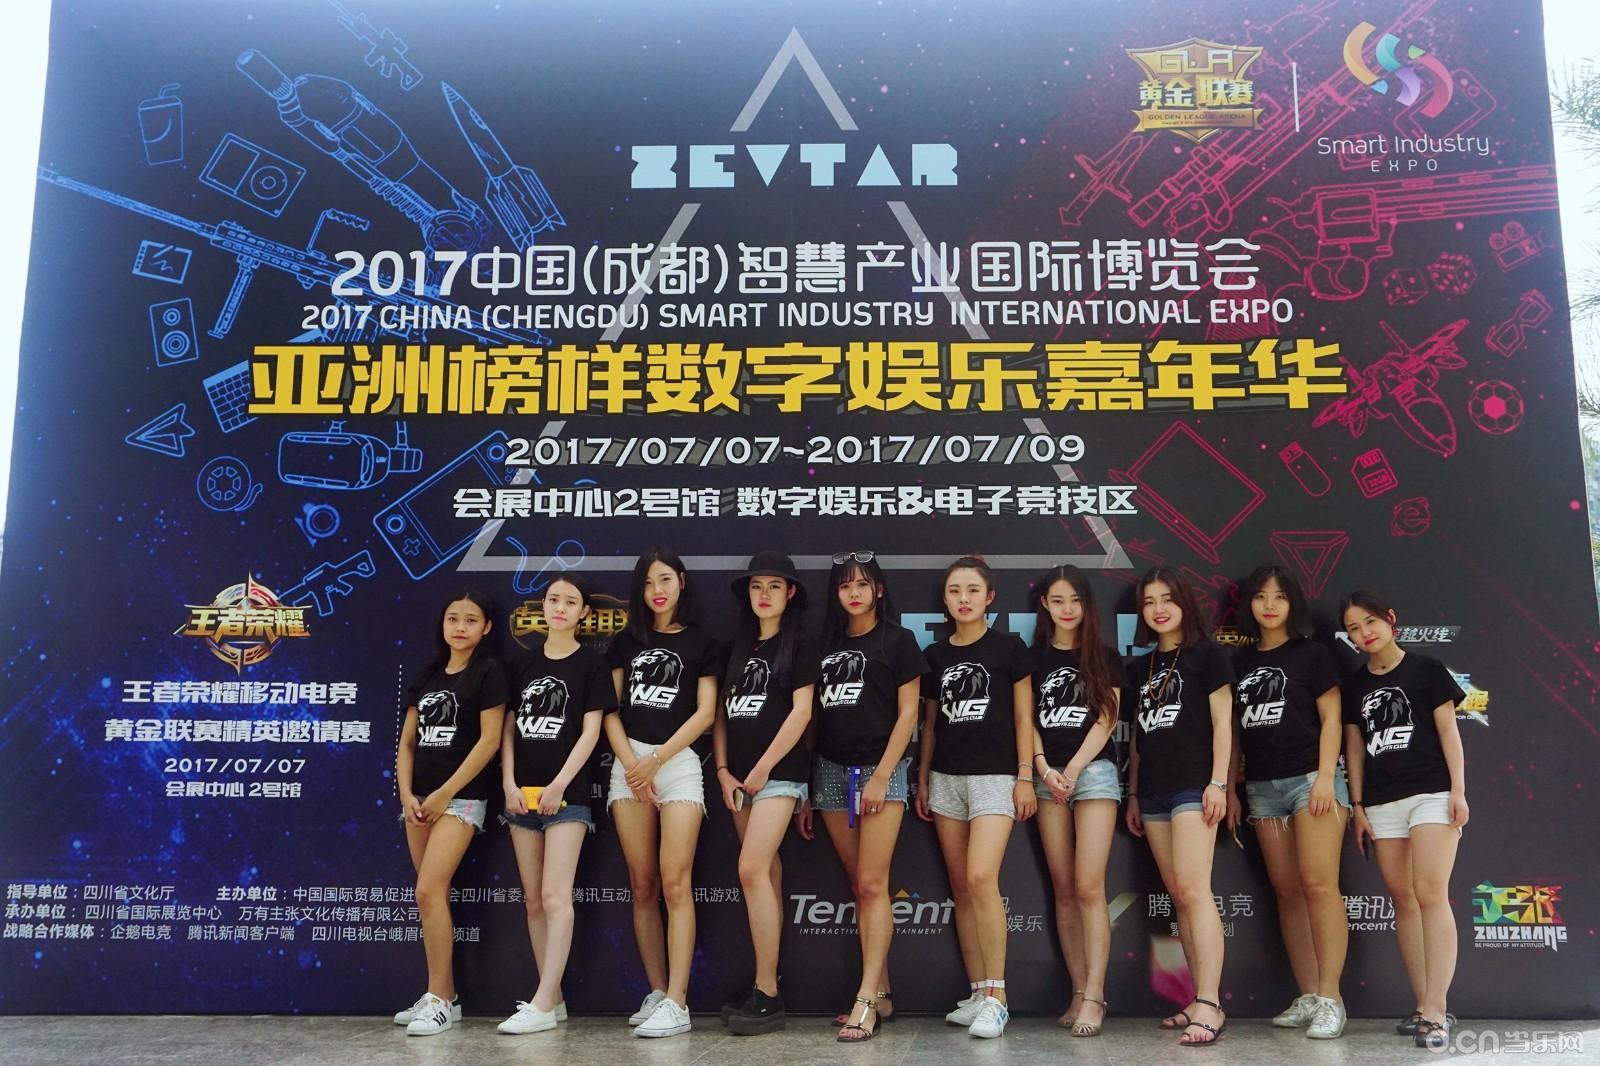 又一匹资讯--WG电子竞技俱乐部_花样网球_原新闻黑马图片